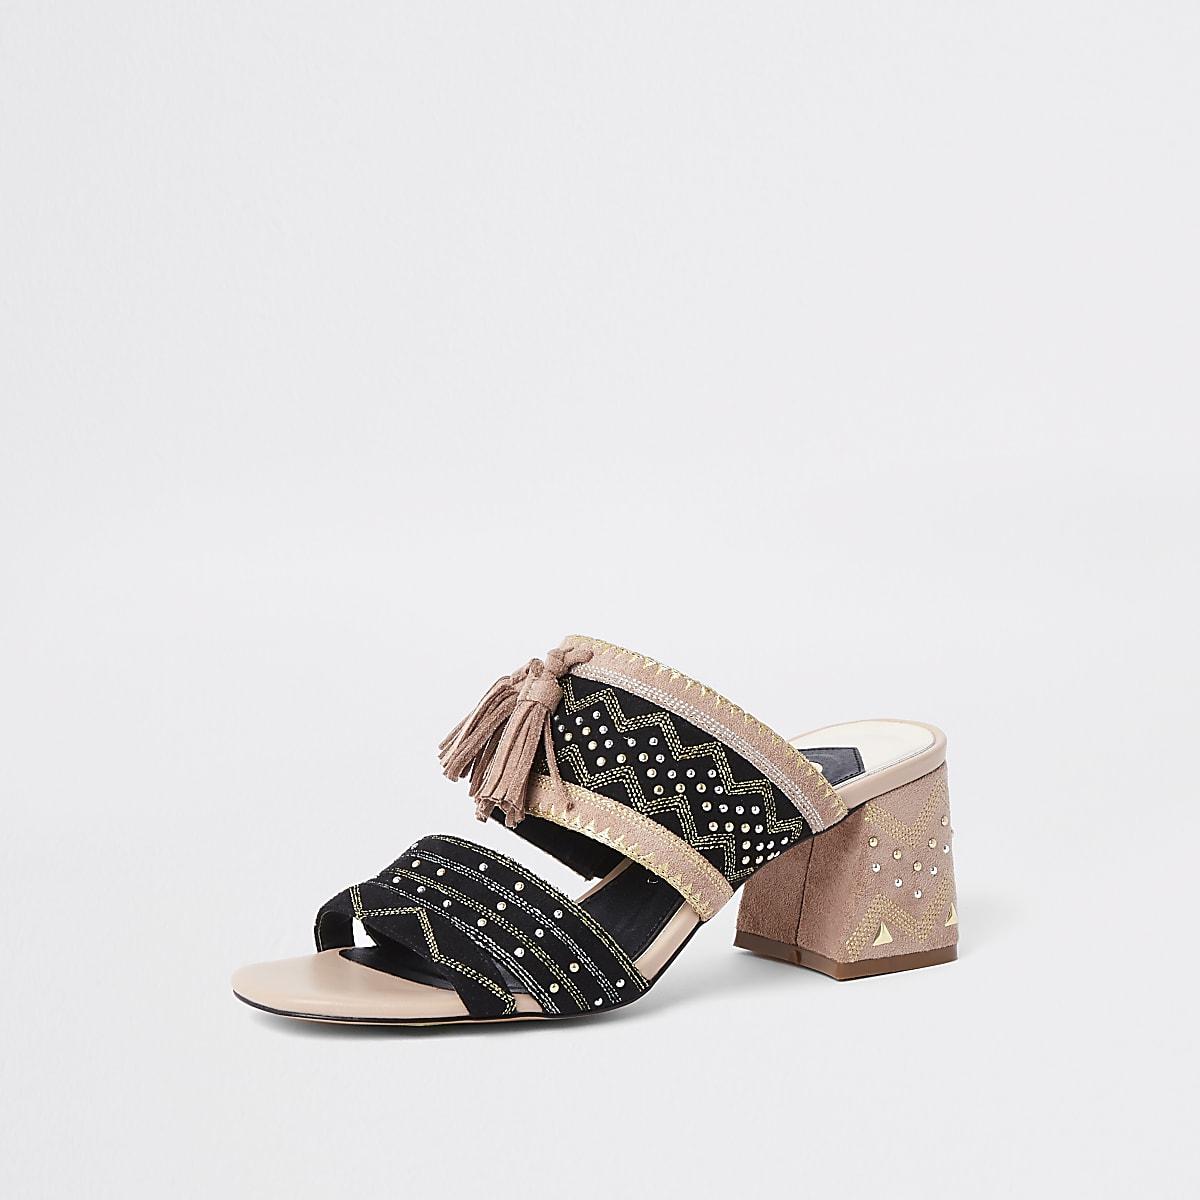 Low Sandals Block Heel Aztec Black 54LRAj